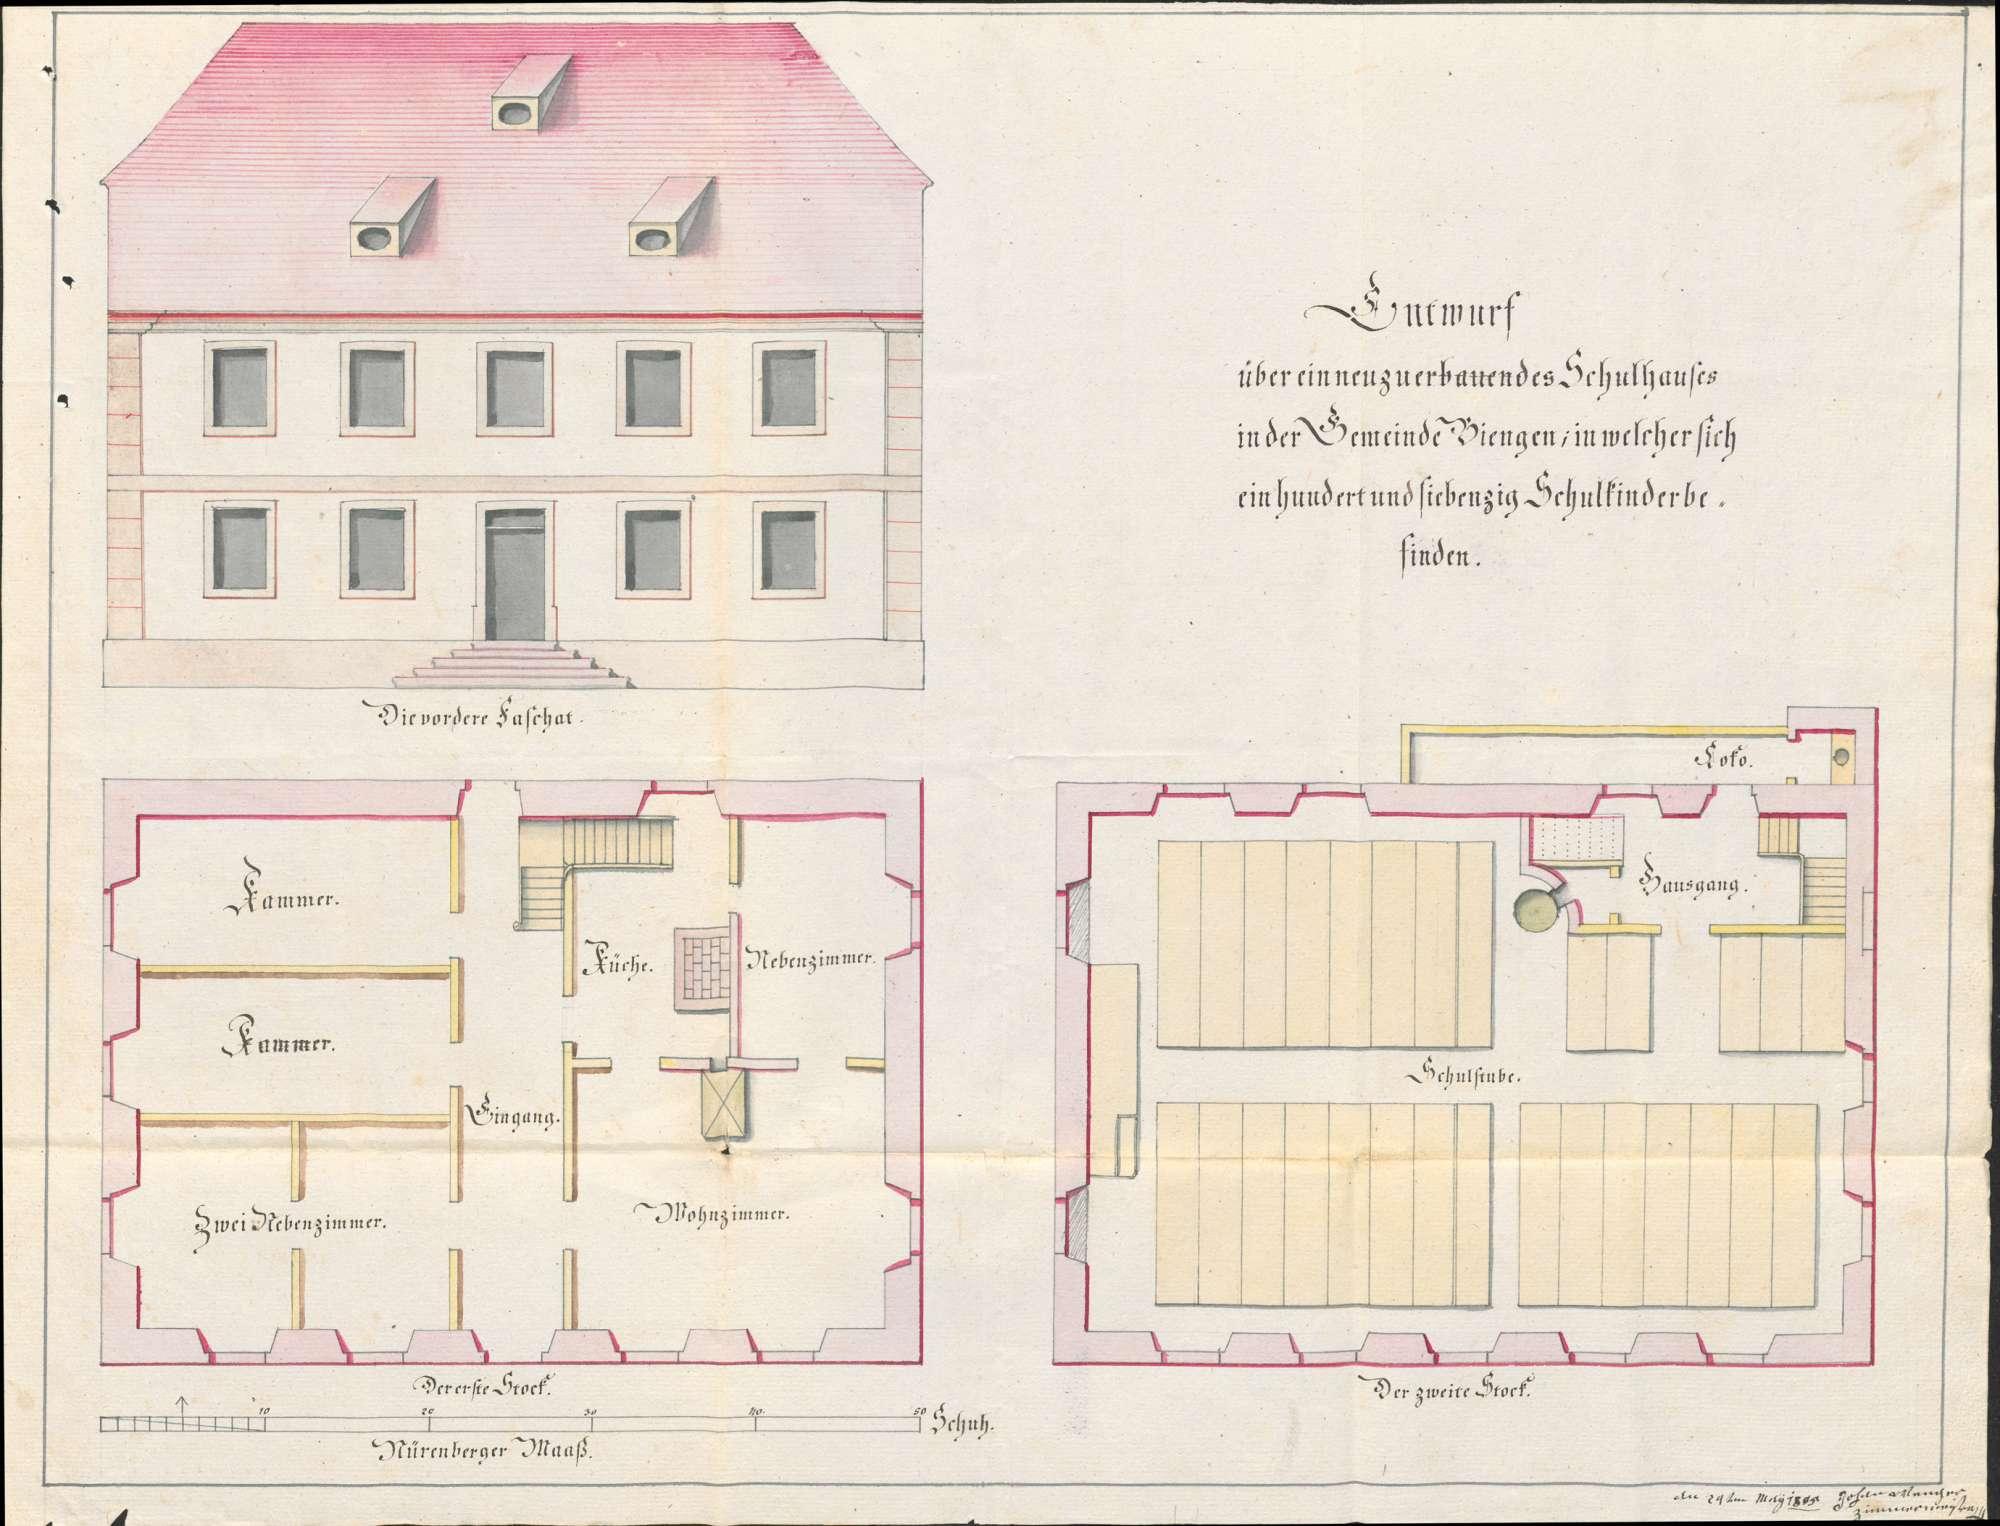 Schulhausbau in Biengen, Bild 2